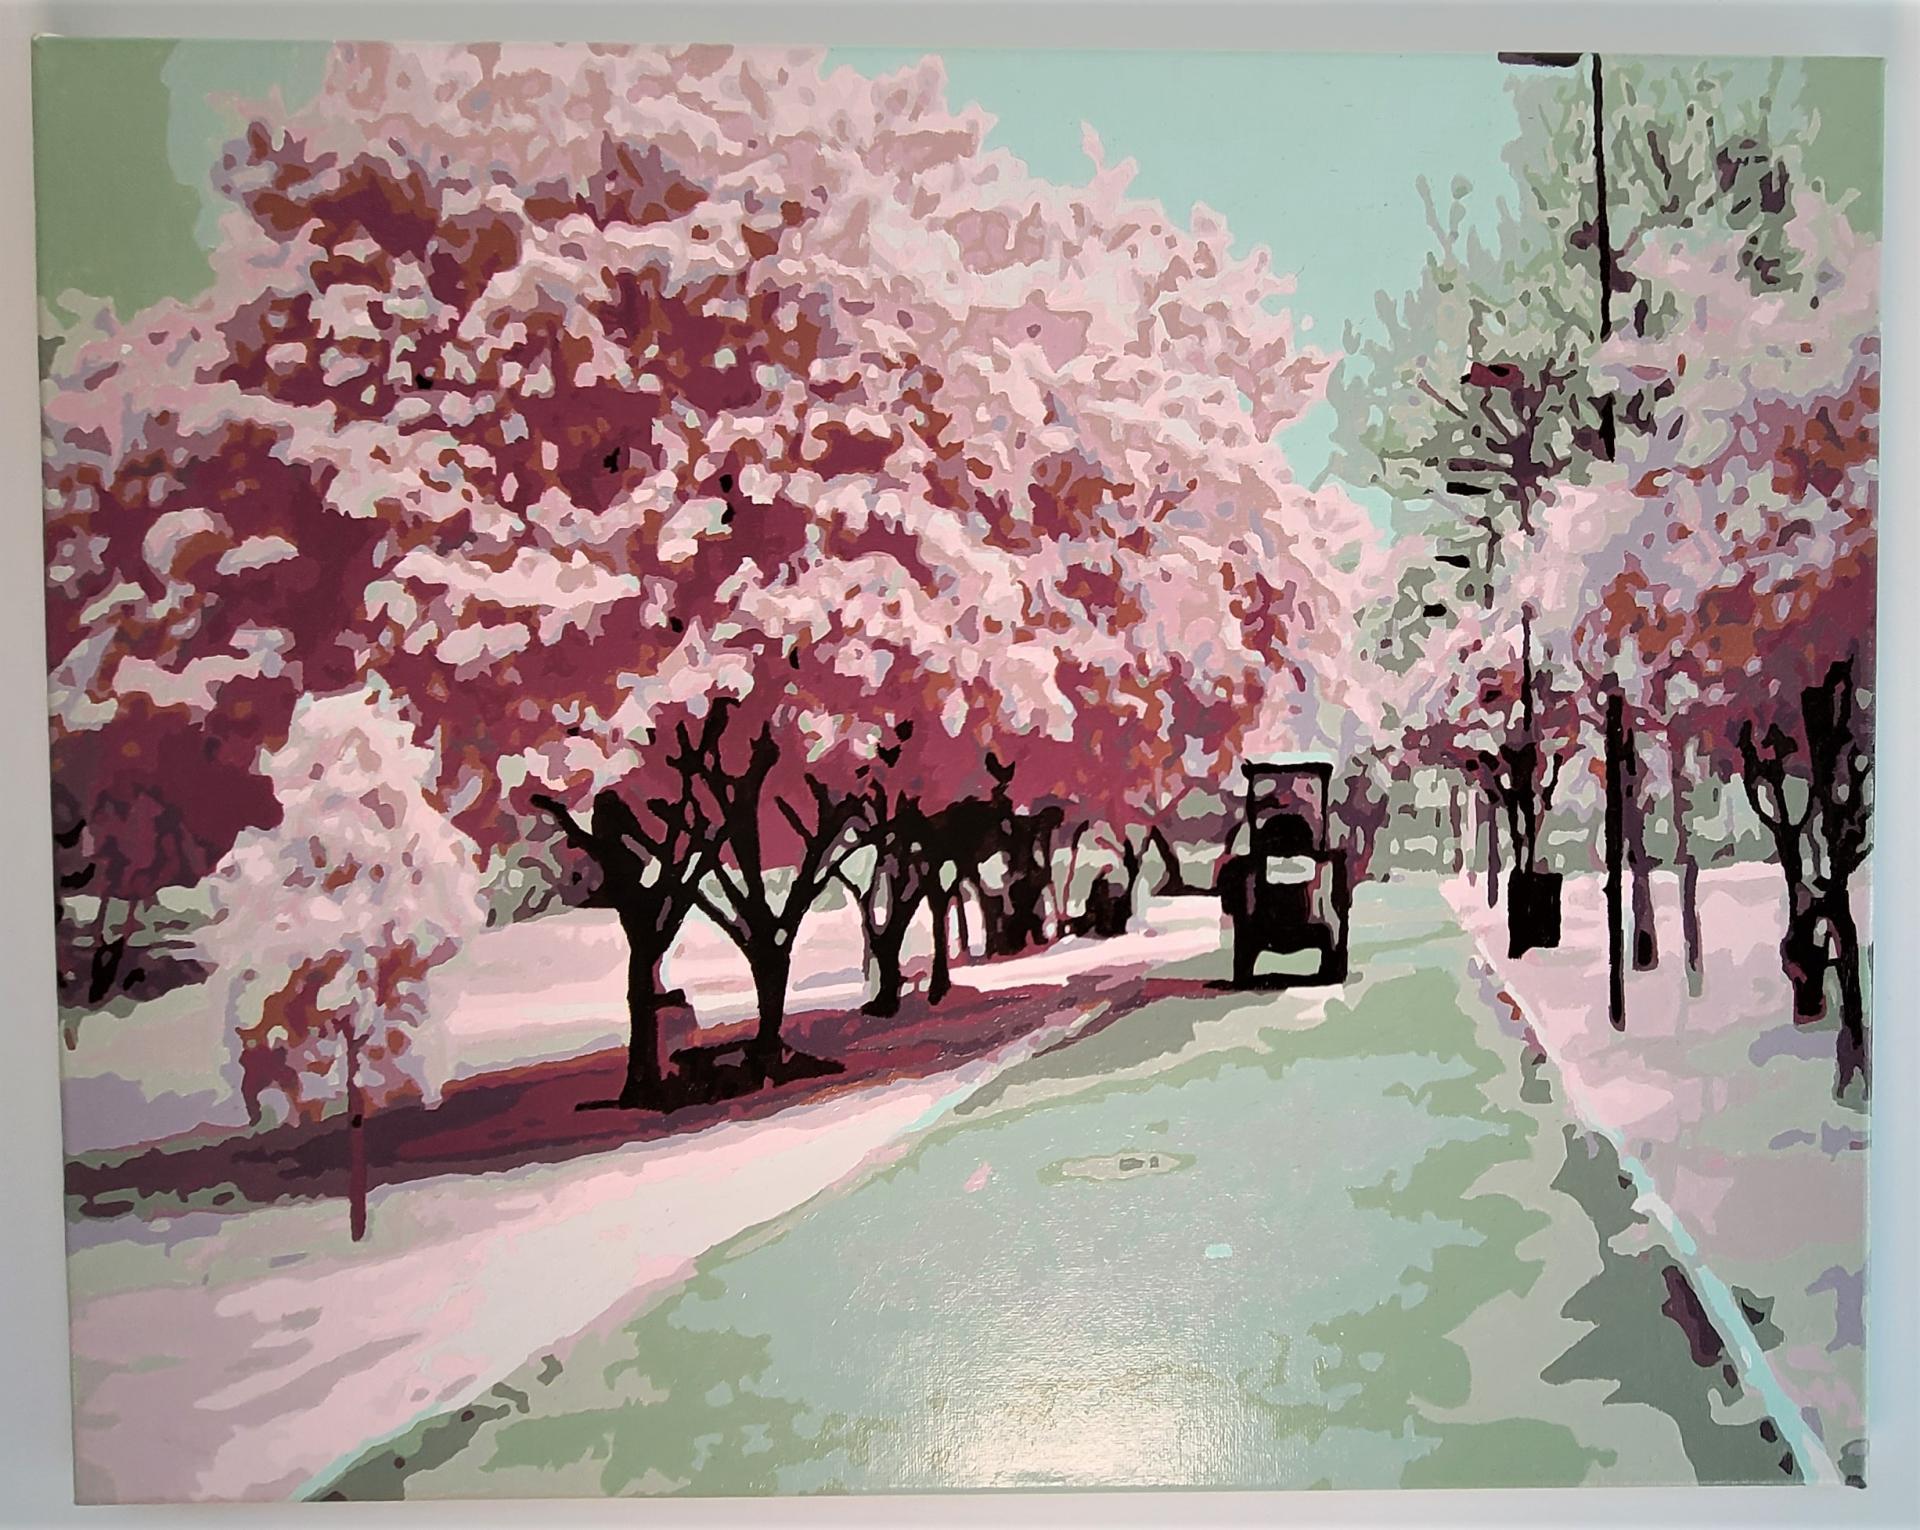 작품명 - 벚꽃길